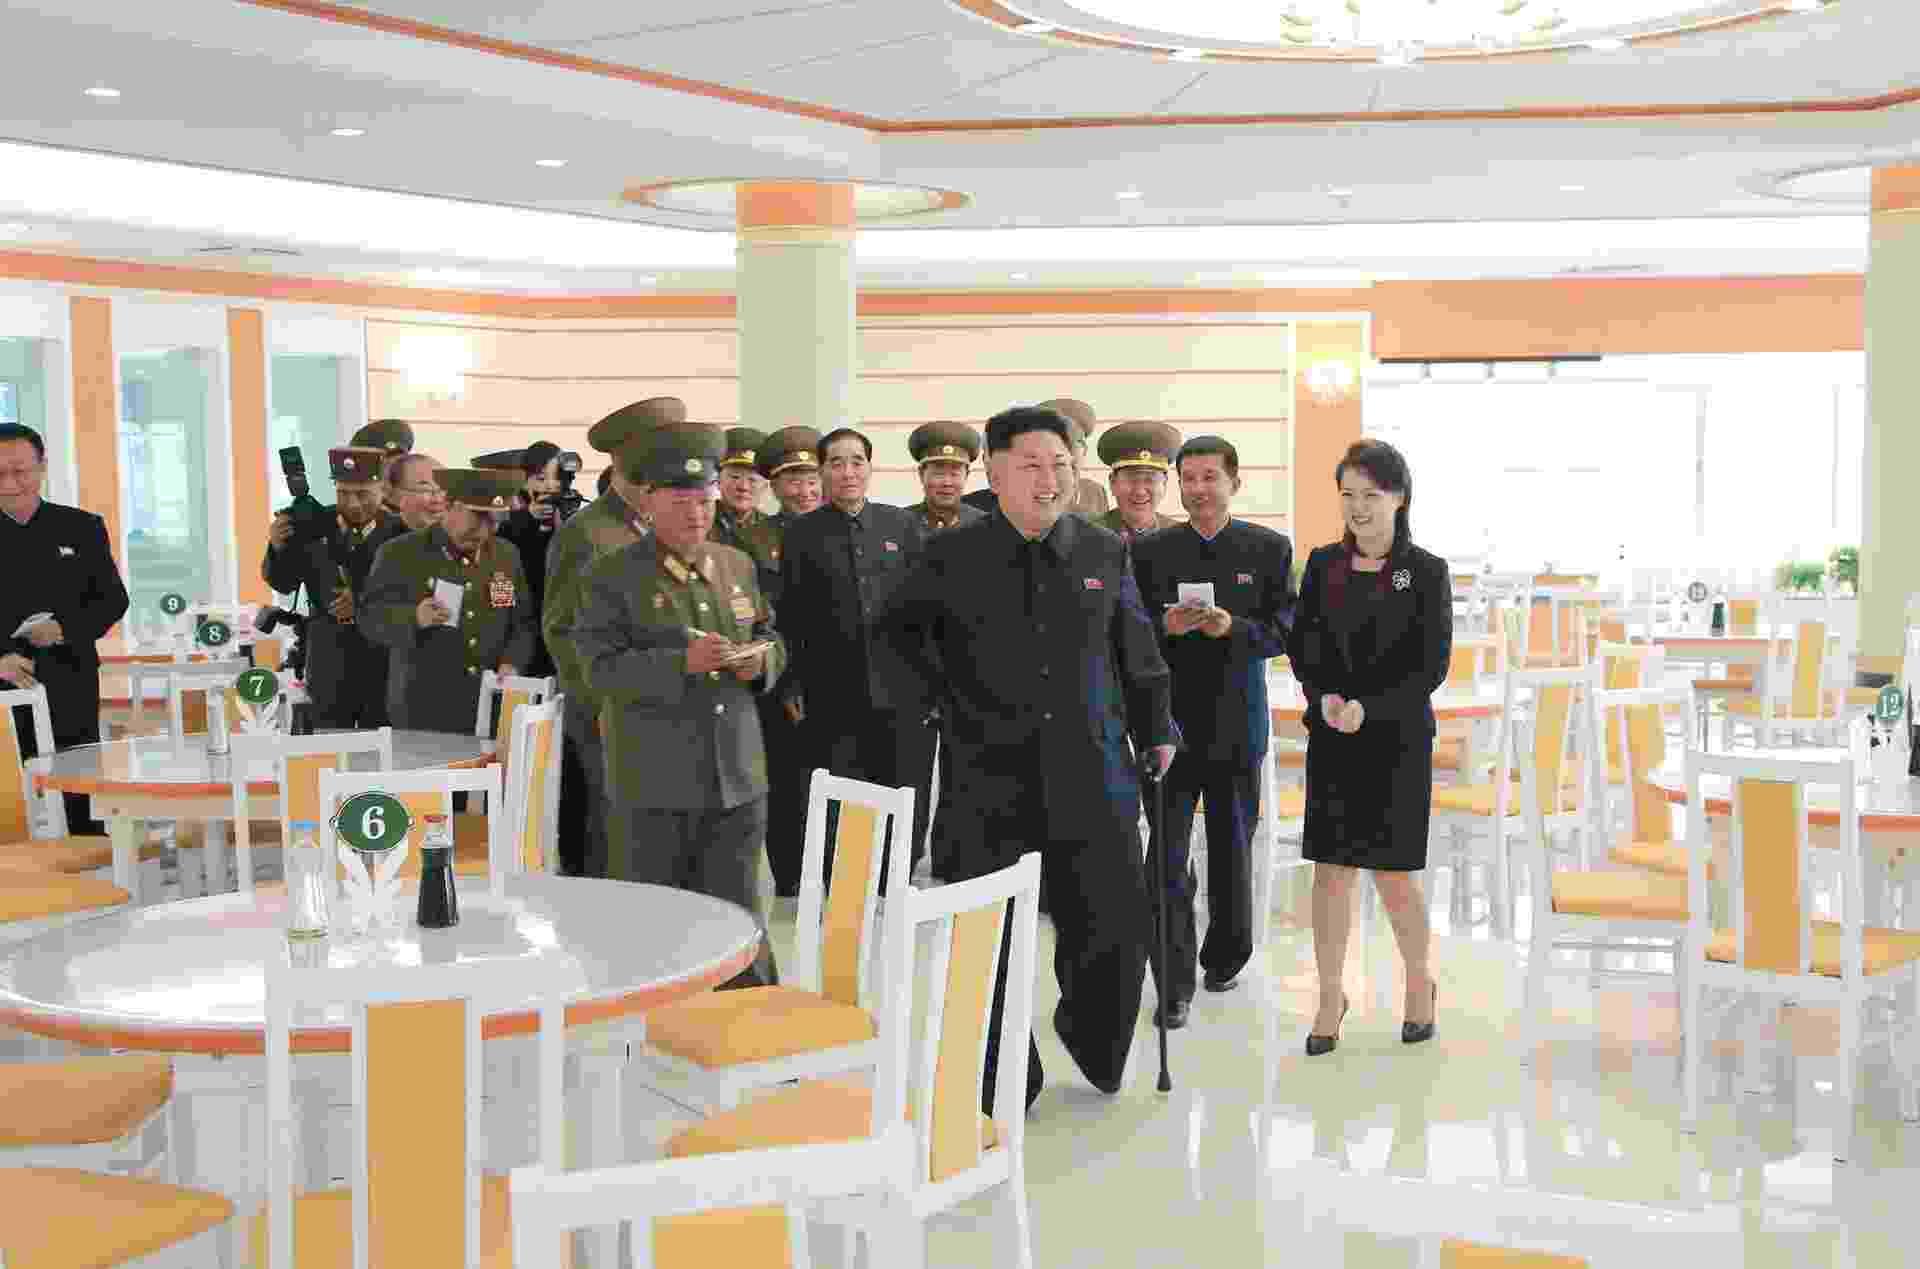 30.out.2014 - O líder norte-coreano, Kim Jong-un, e sua mulher, Ri Sol-Ju, inspecionam um restaurante para militares recém-construído em local não revelado. Kim não apareceu publicamente entre 3 de setembro e 13 de outubro, gerando especulações sobre sua saúde.  Após o período, sempre foi visto com uma bengala. De acordo com o Serviço Nacional de Inteligência da Coreia do Sul, o líder se recupera de uma operação para tirar um cisto no tornozelo - Agência Central de Notícias Norte-Coreana/AFP